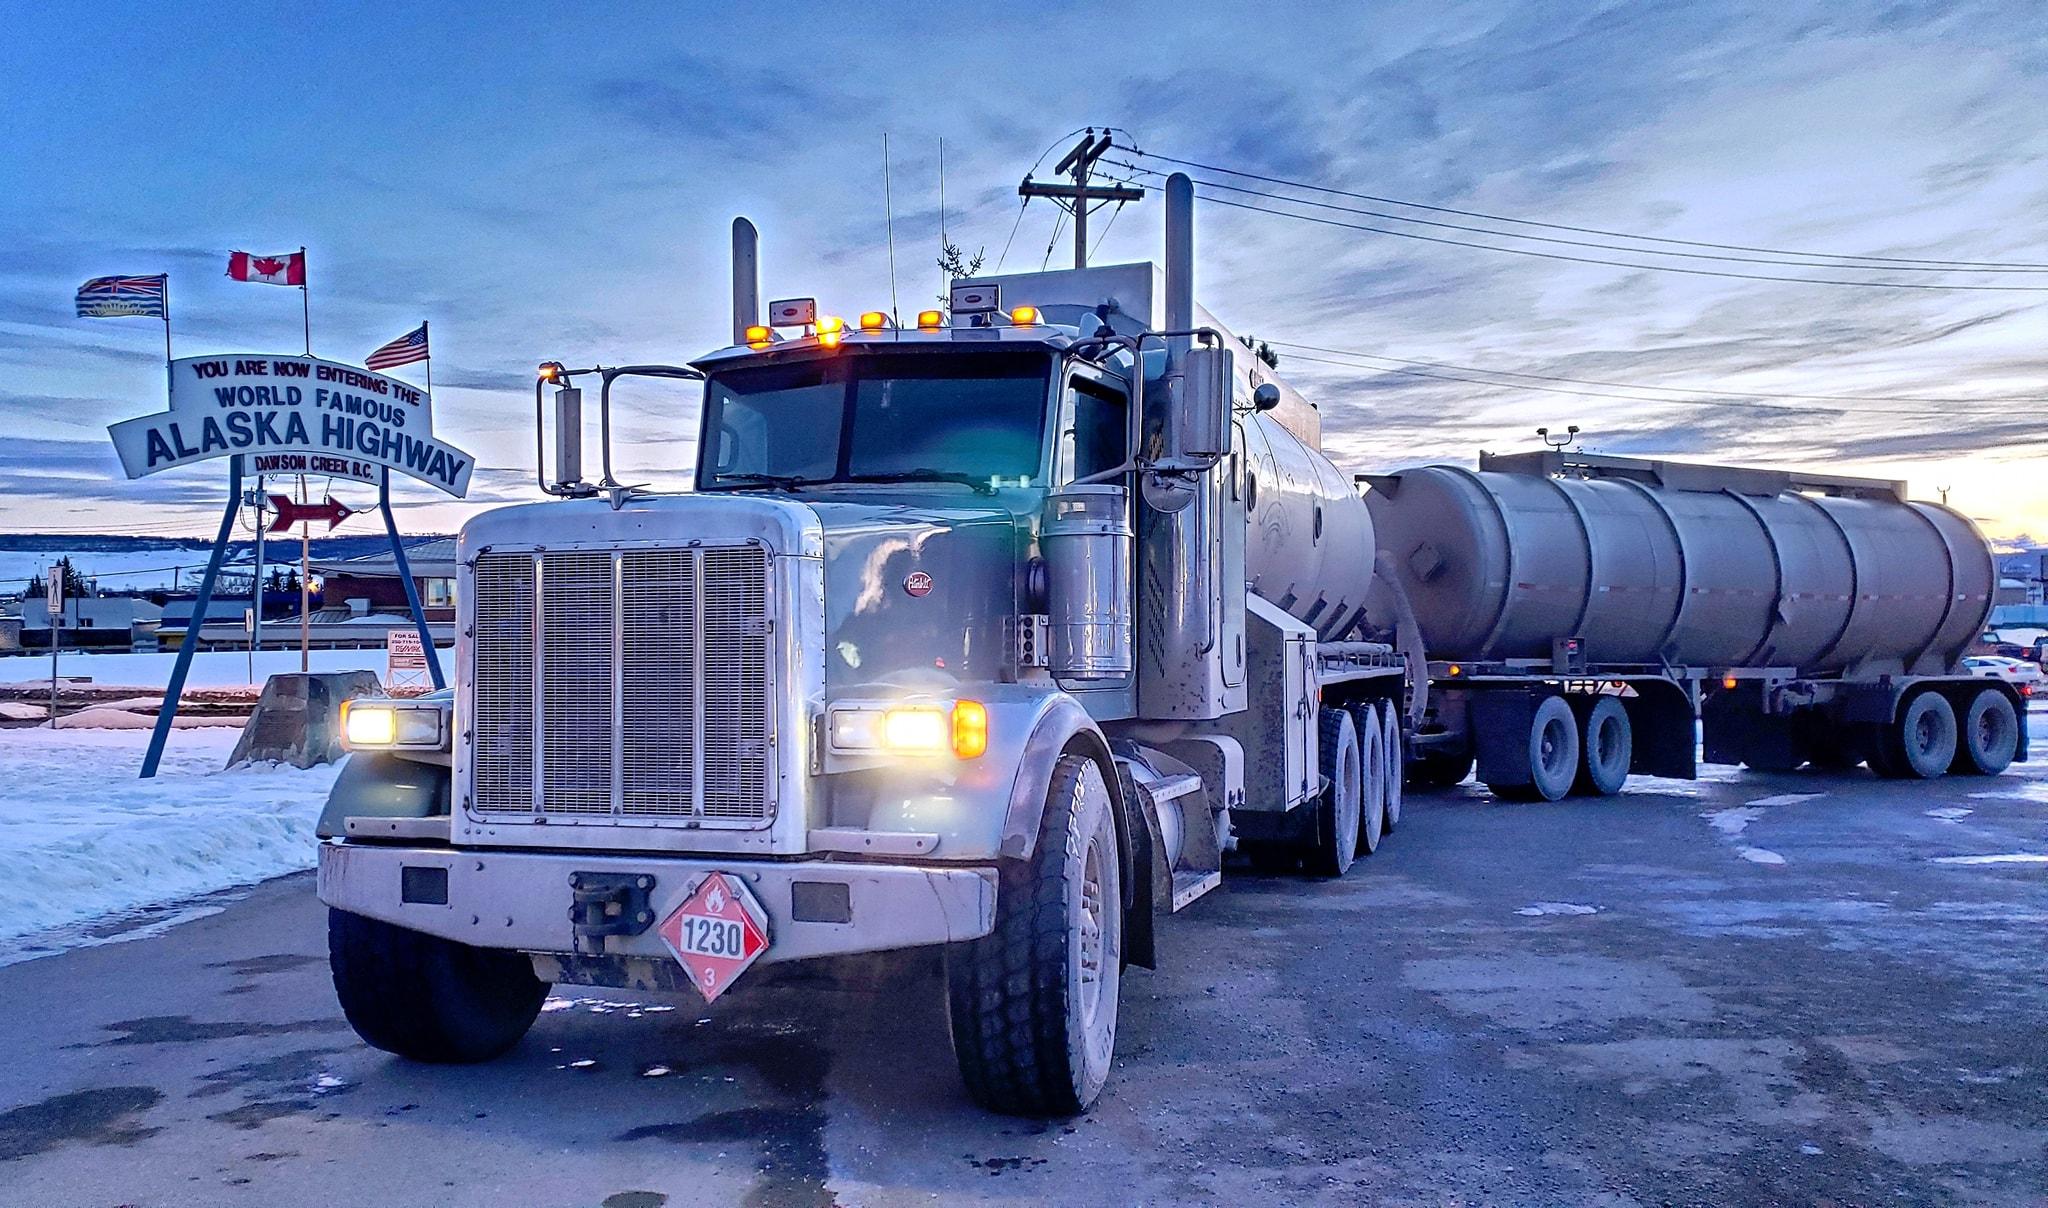 14-2-2020--nu-met-tankwagen-om-meer-thuis-te-zijn-Taber--(16)